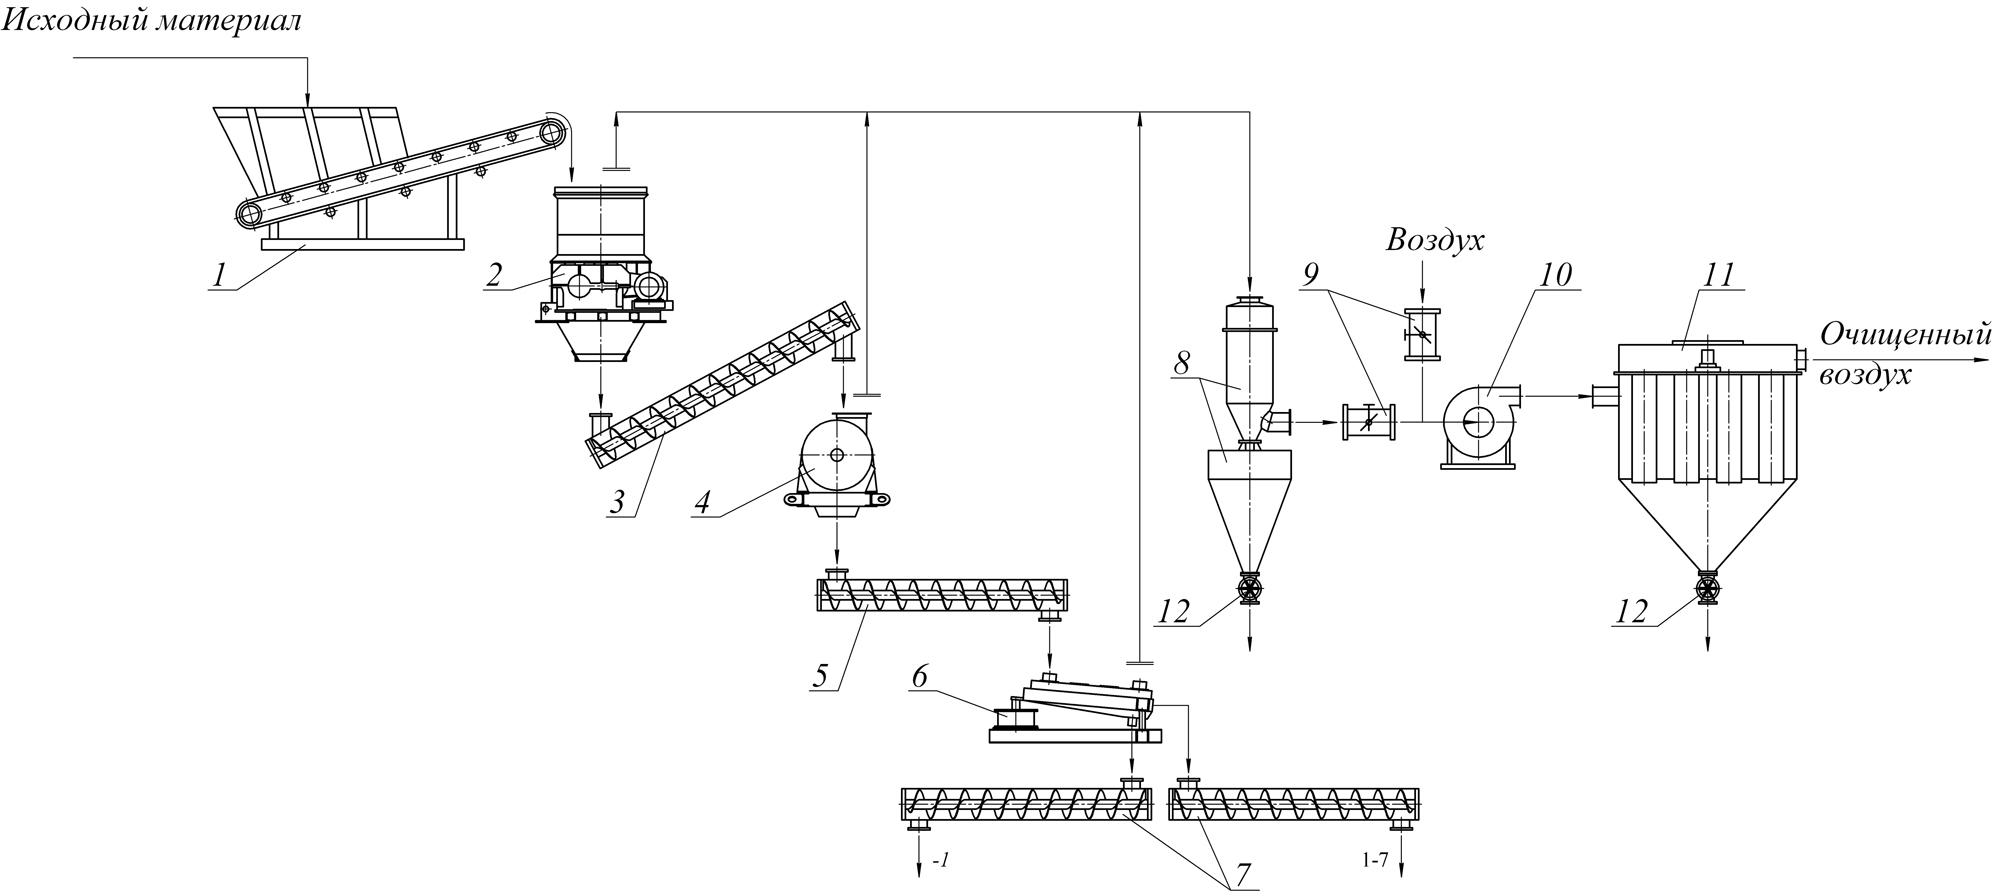 Схема участка дробления травы